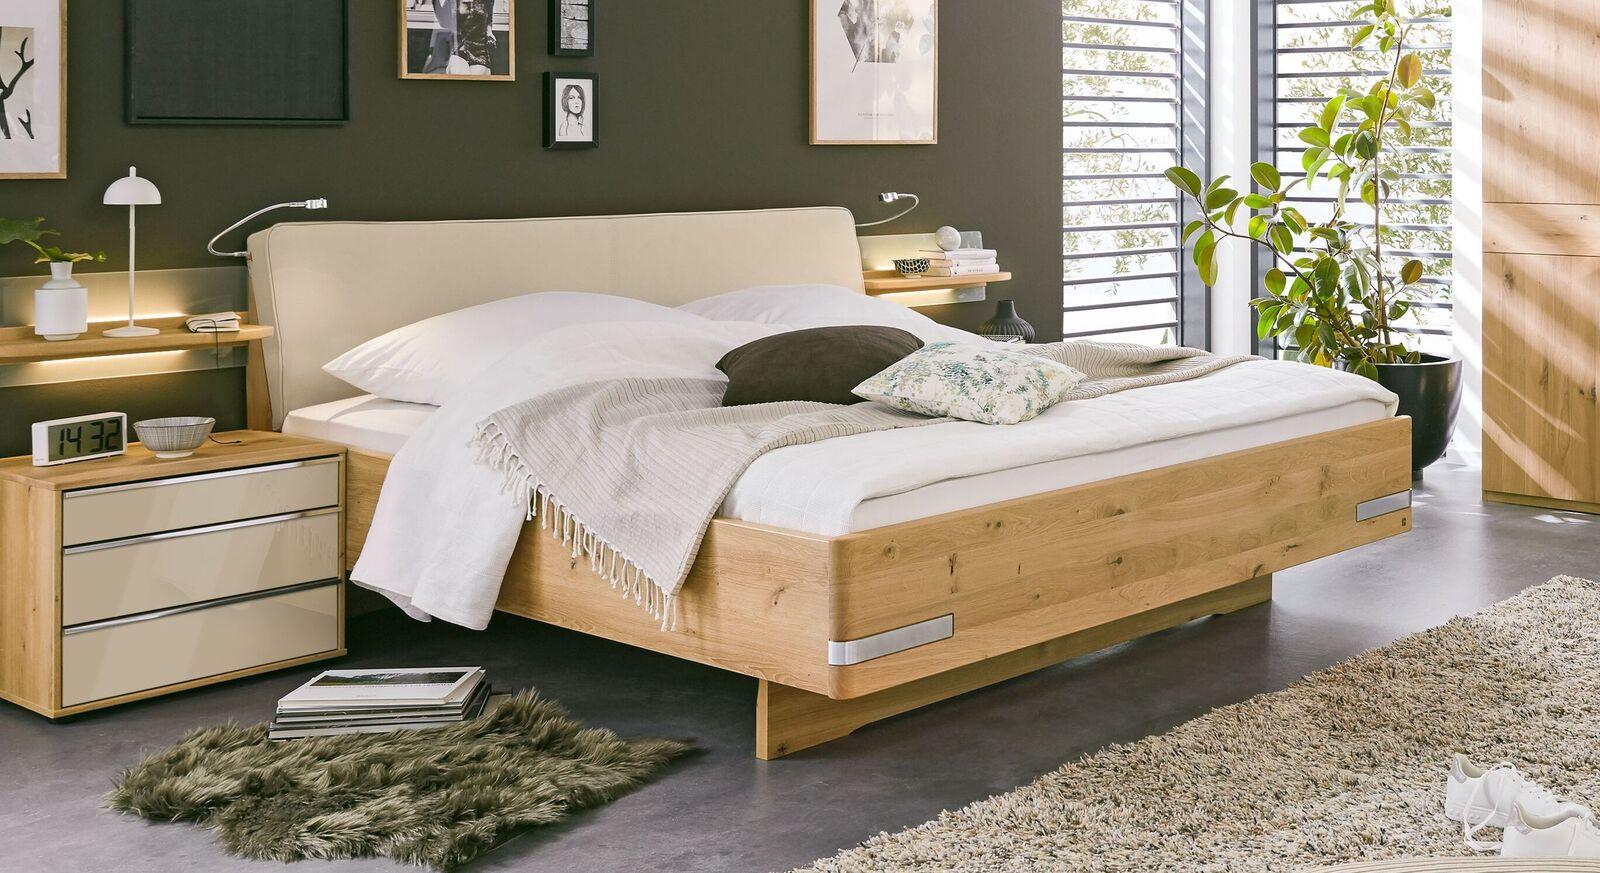 MUSTERRING Bett Savona 2.0 mit Polsterkopfteil und Echtholzrahmen